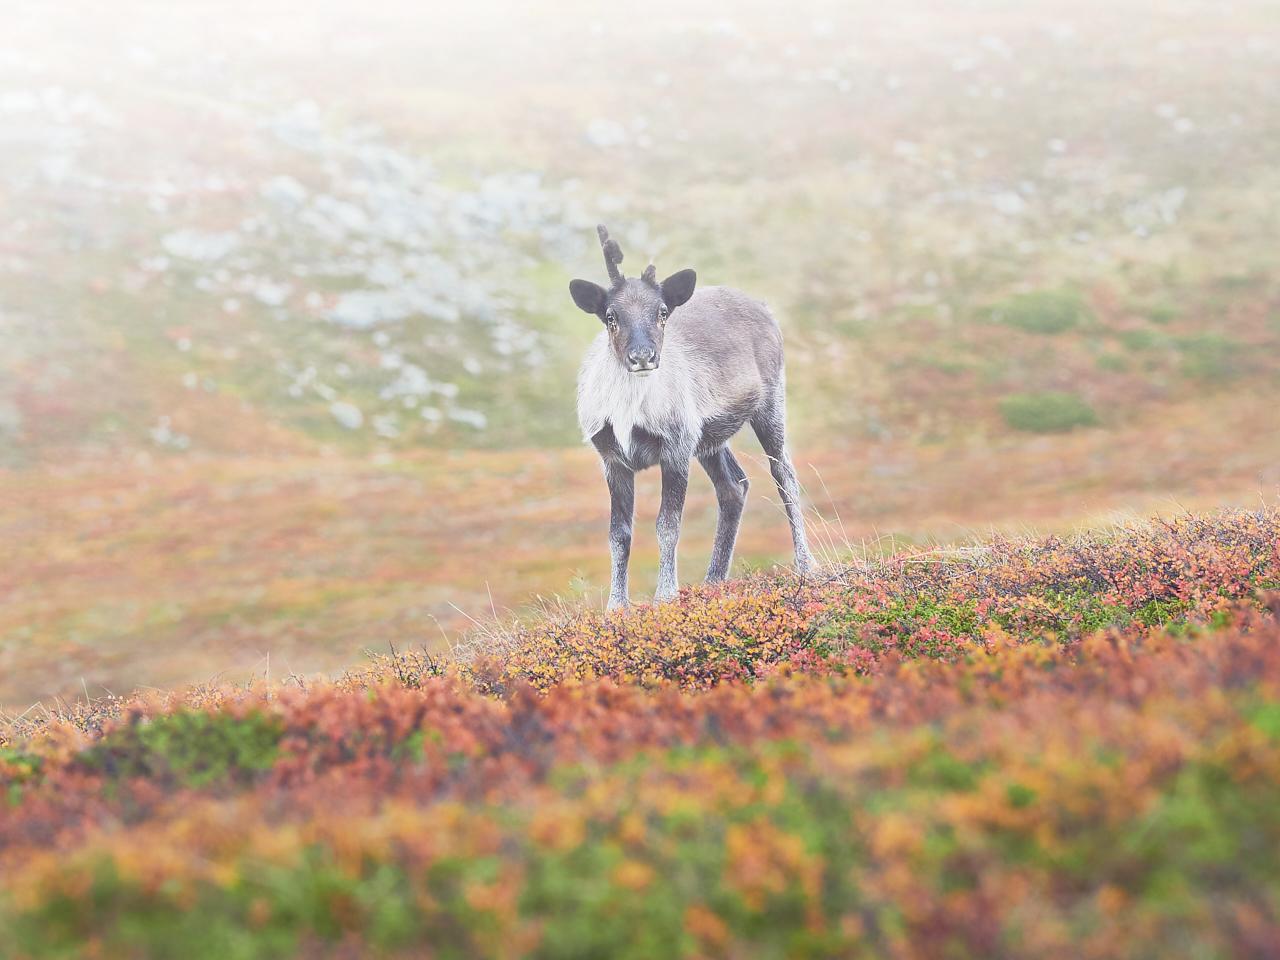 Yksisarvinen | Unicorn